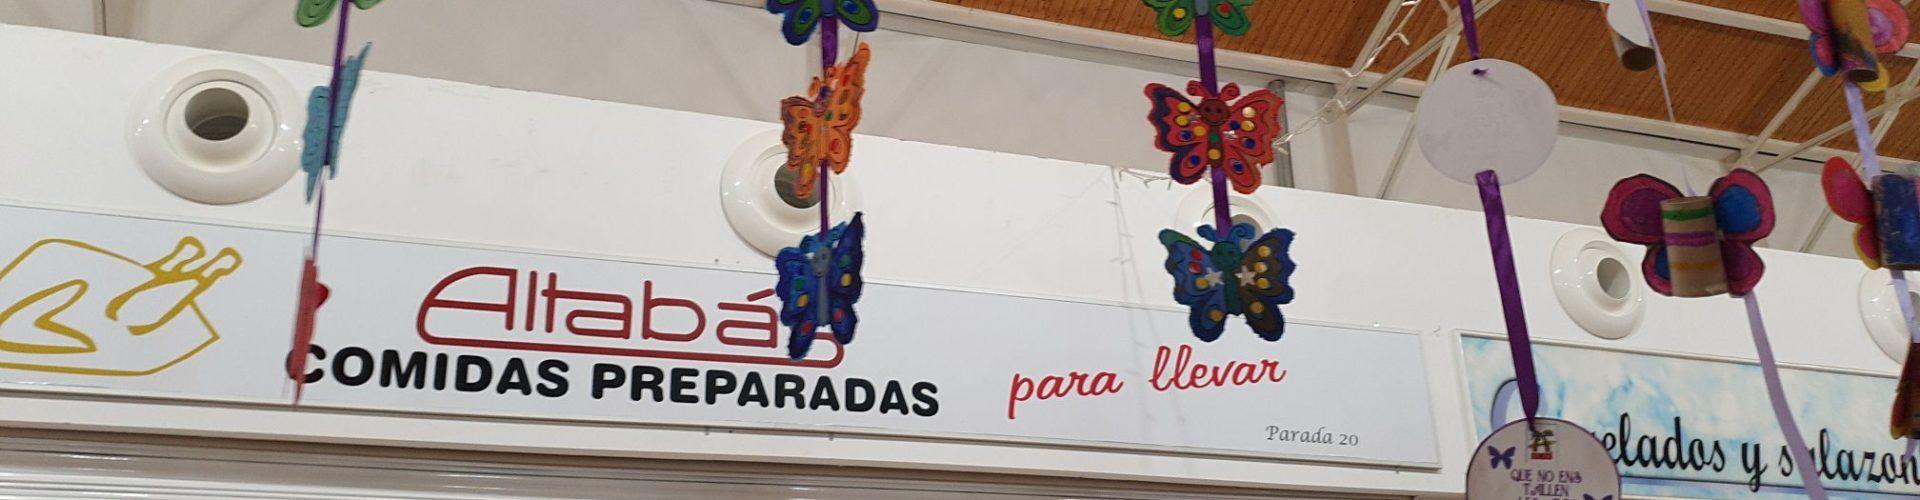 El mercado de Vinaròs se llena de mariposas contra la violencia de género